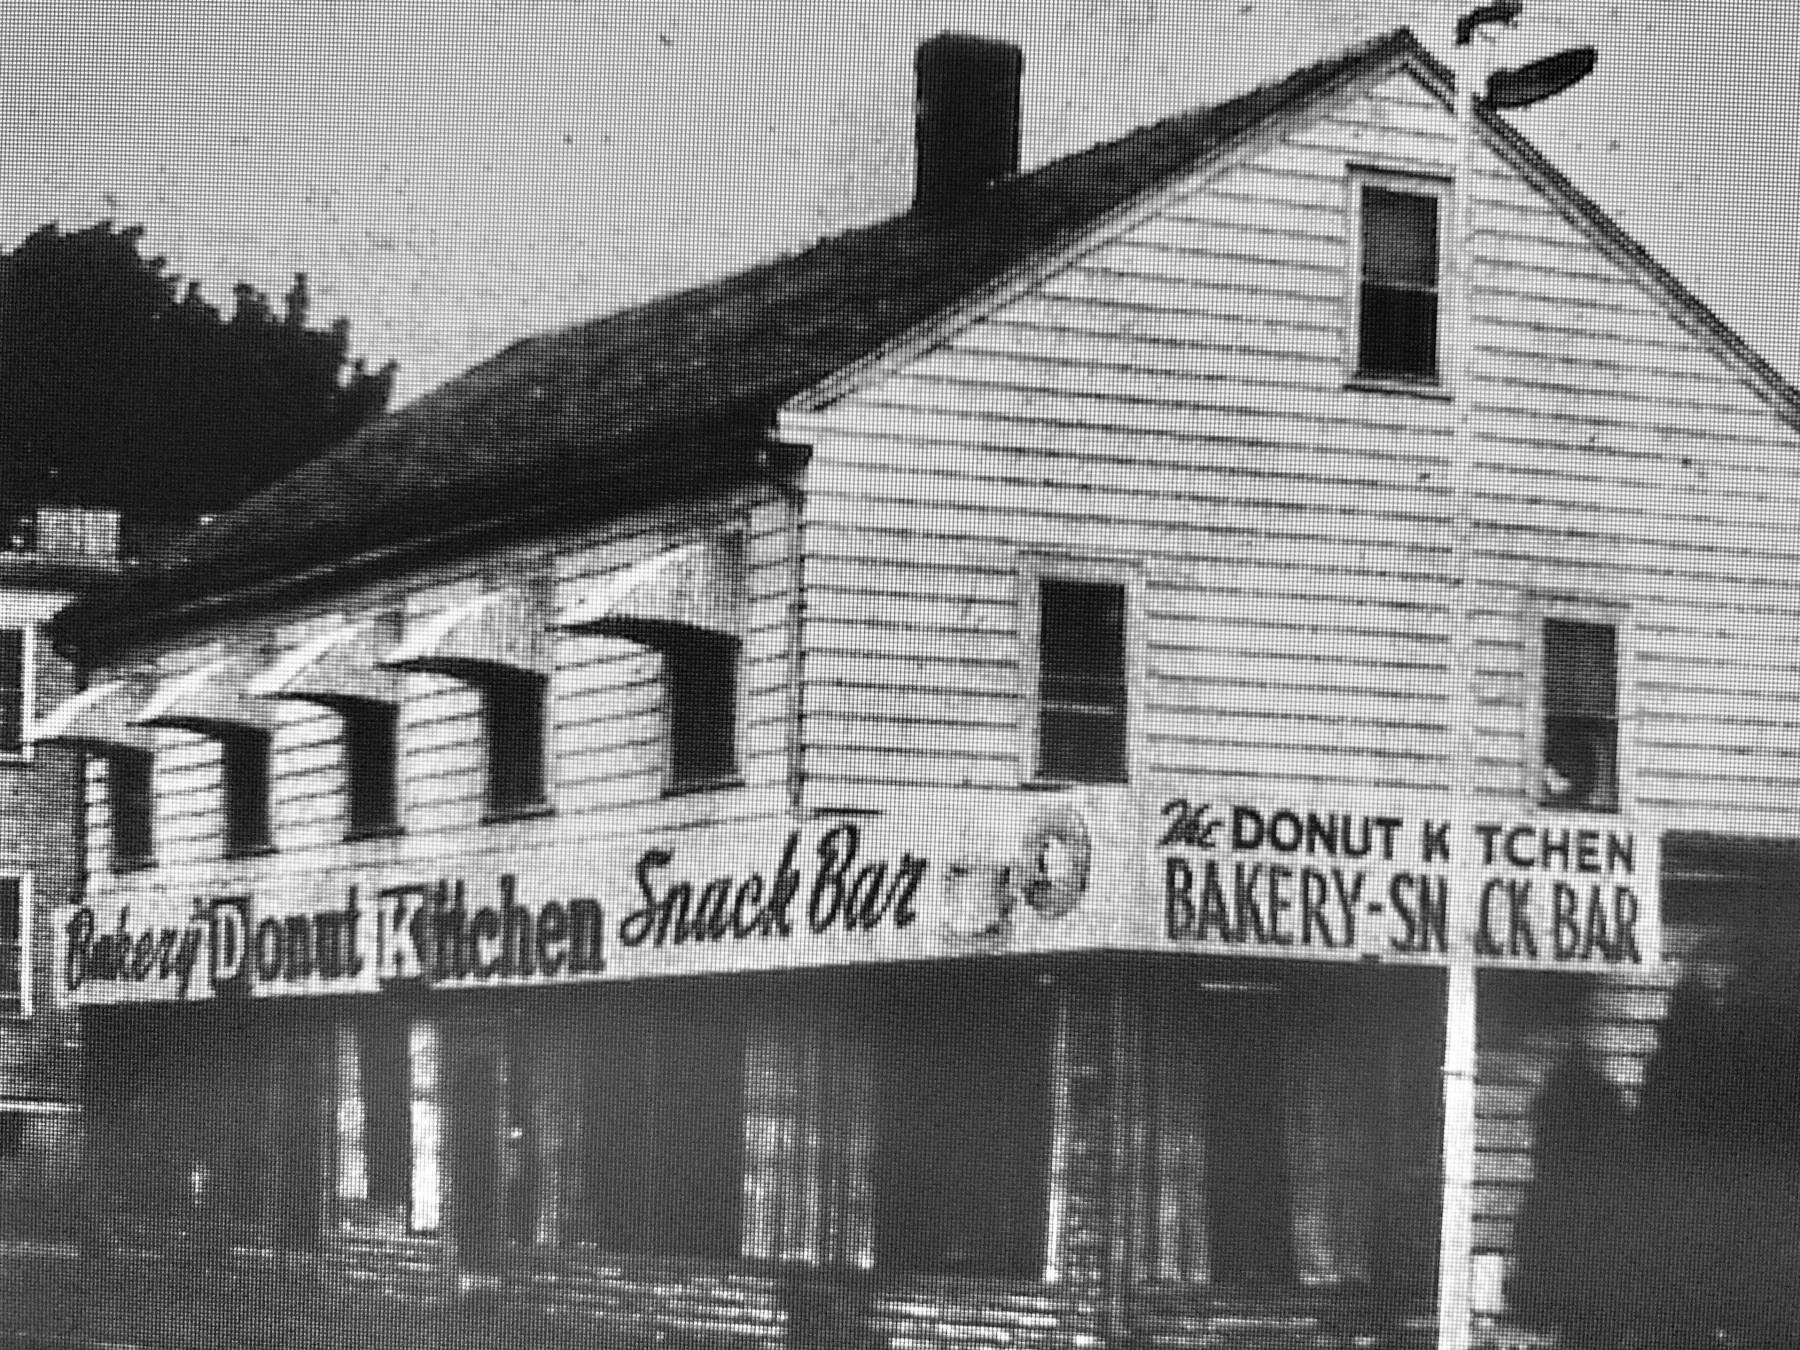 The Donut Kitchen Woburn, MA